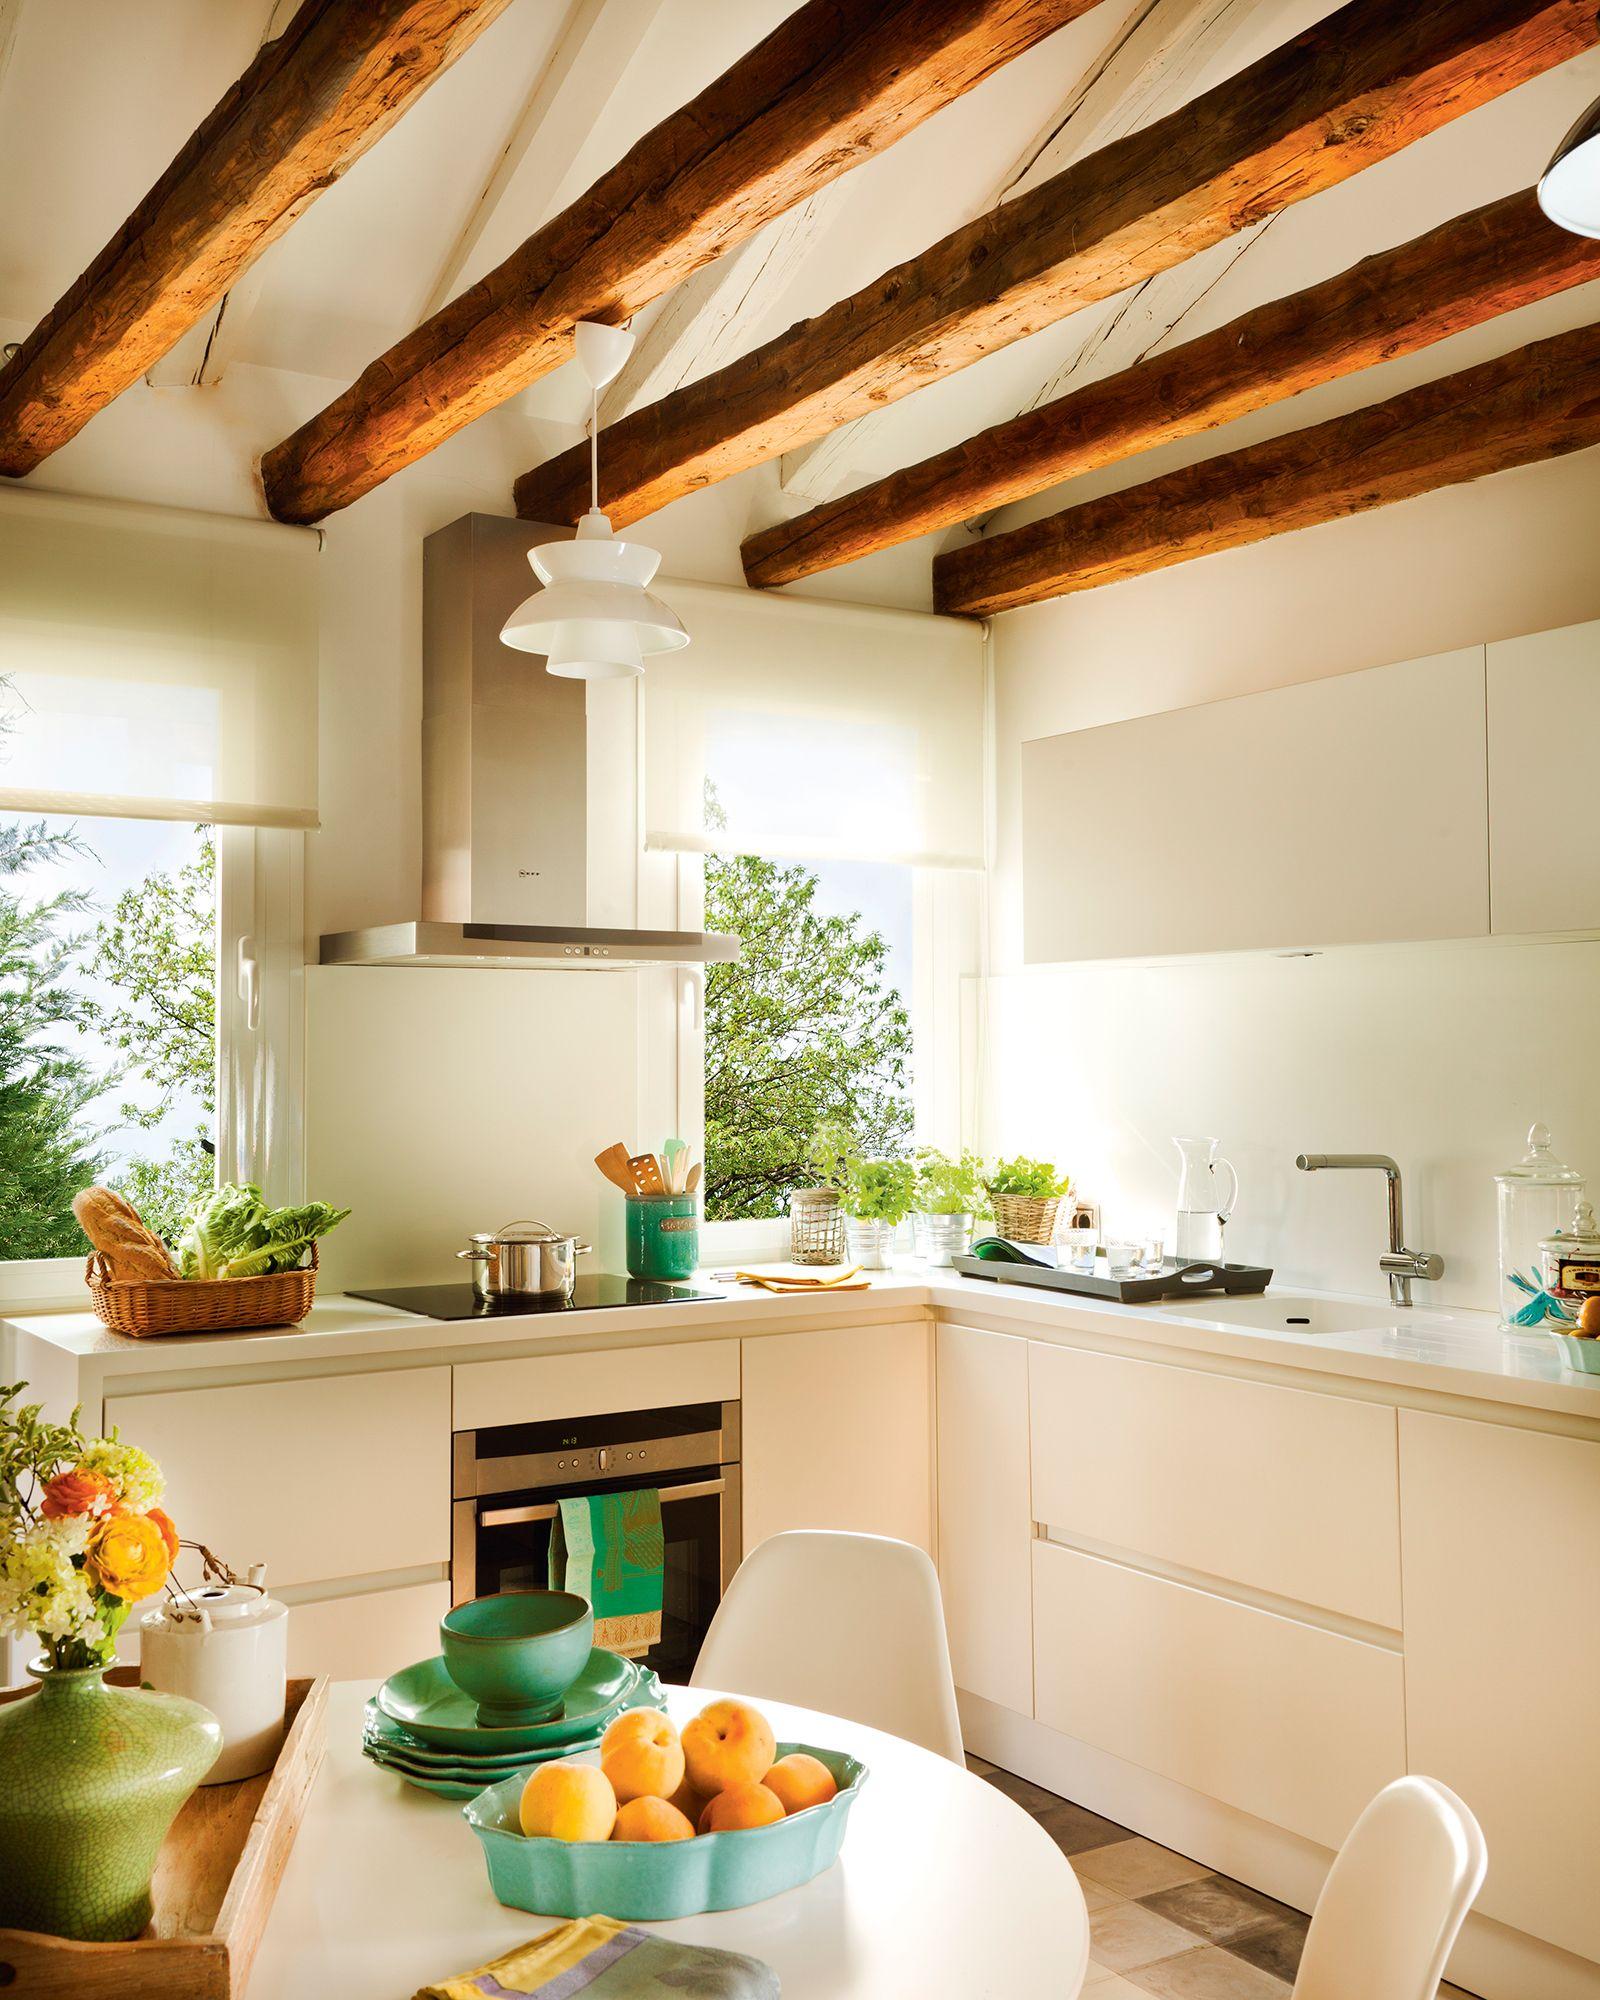 En Blanco Decoracion De Cocina Decoracion De Cocina Moderna Muebles De Cocina